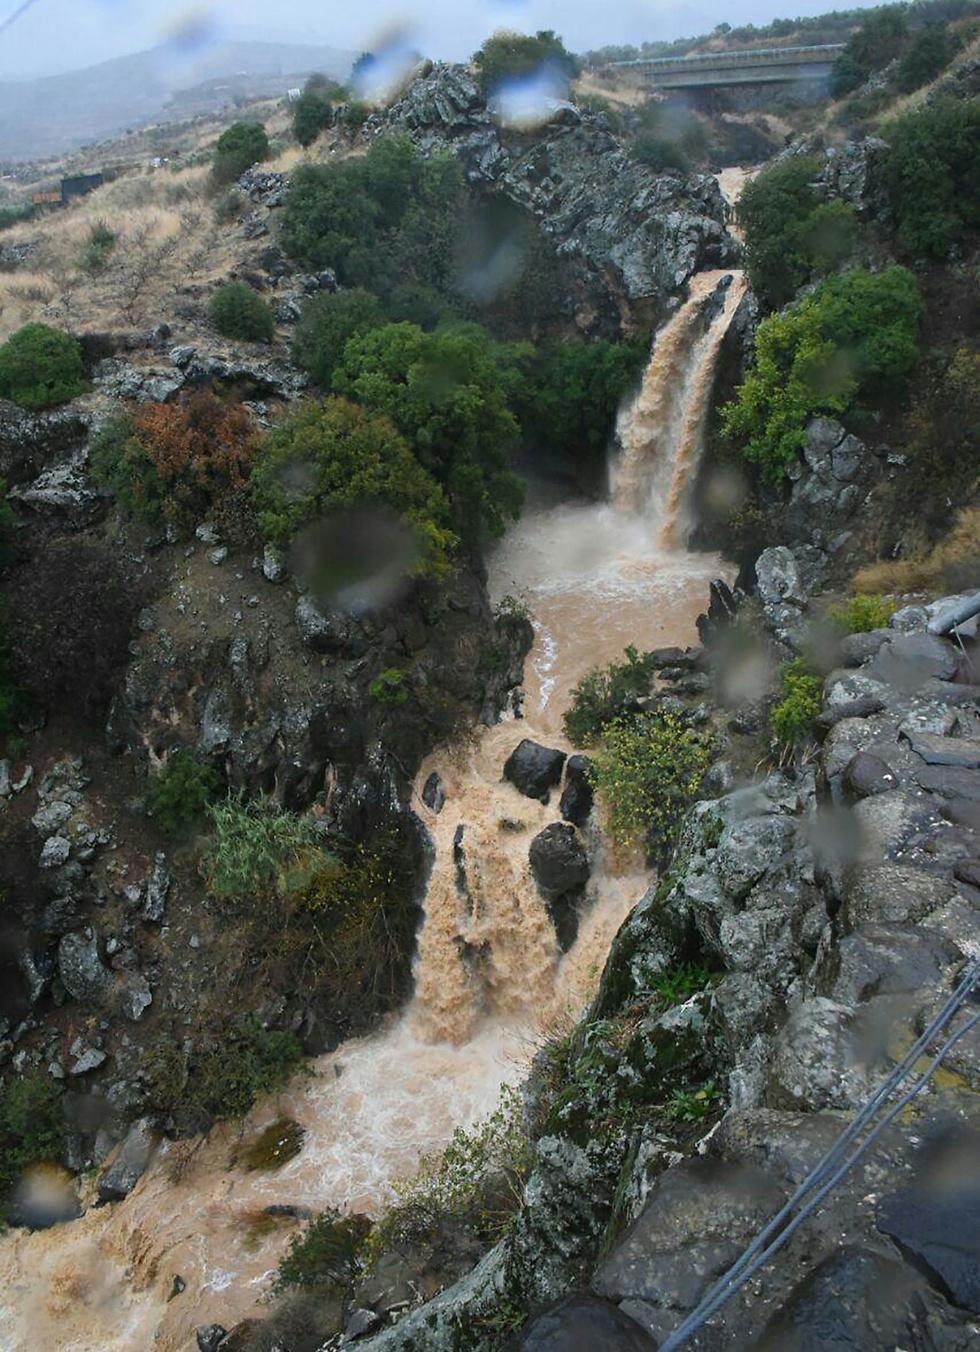 מפל מים בנחל סער (צילום: אביהו שפירא) (צילום: אביהו שפירא)